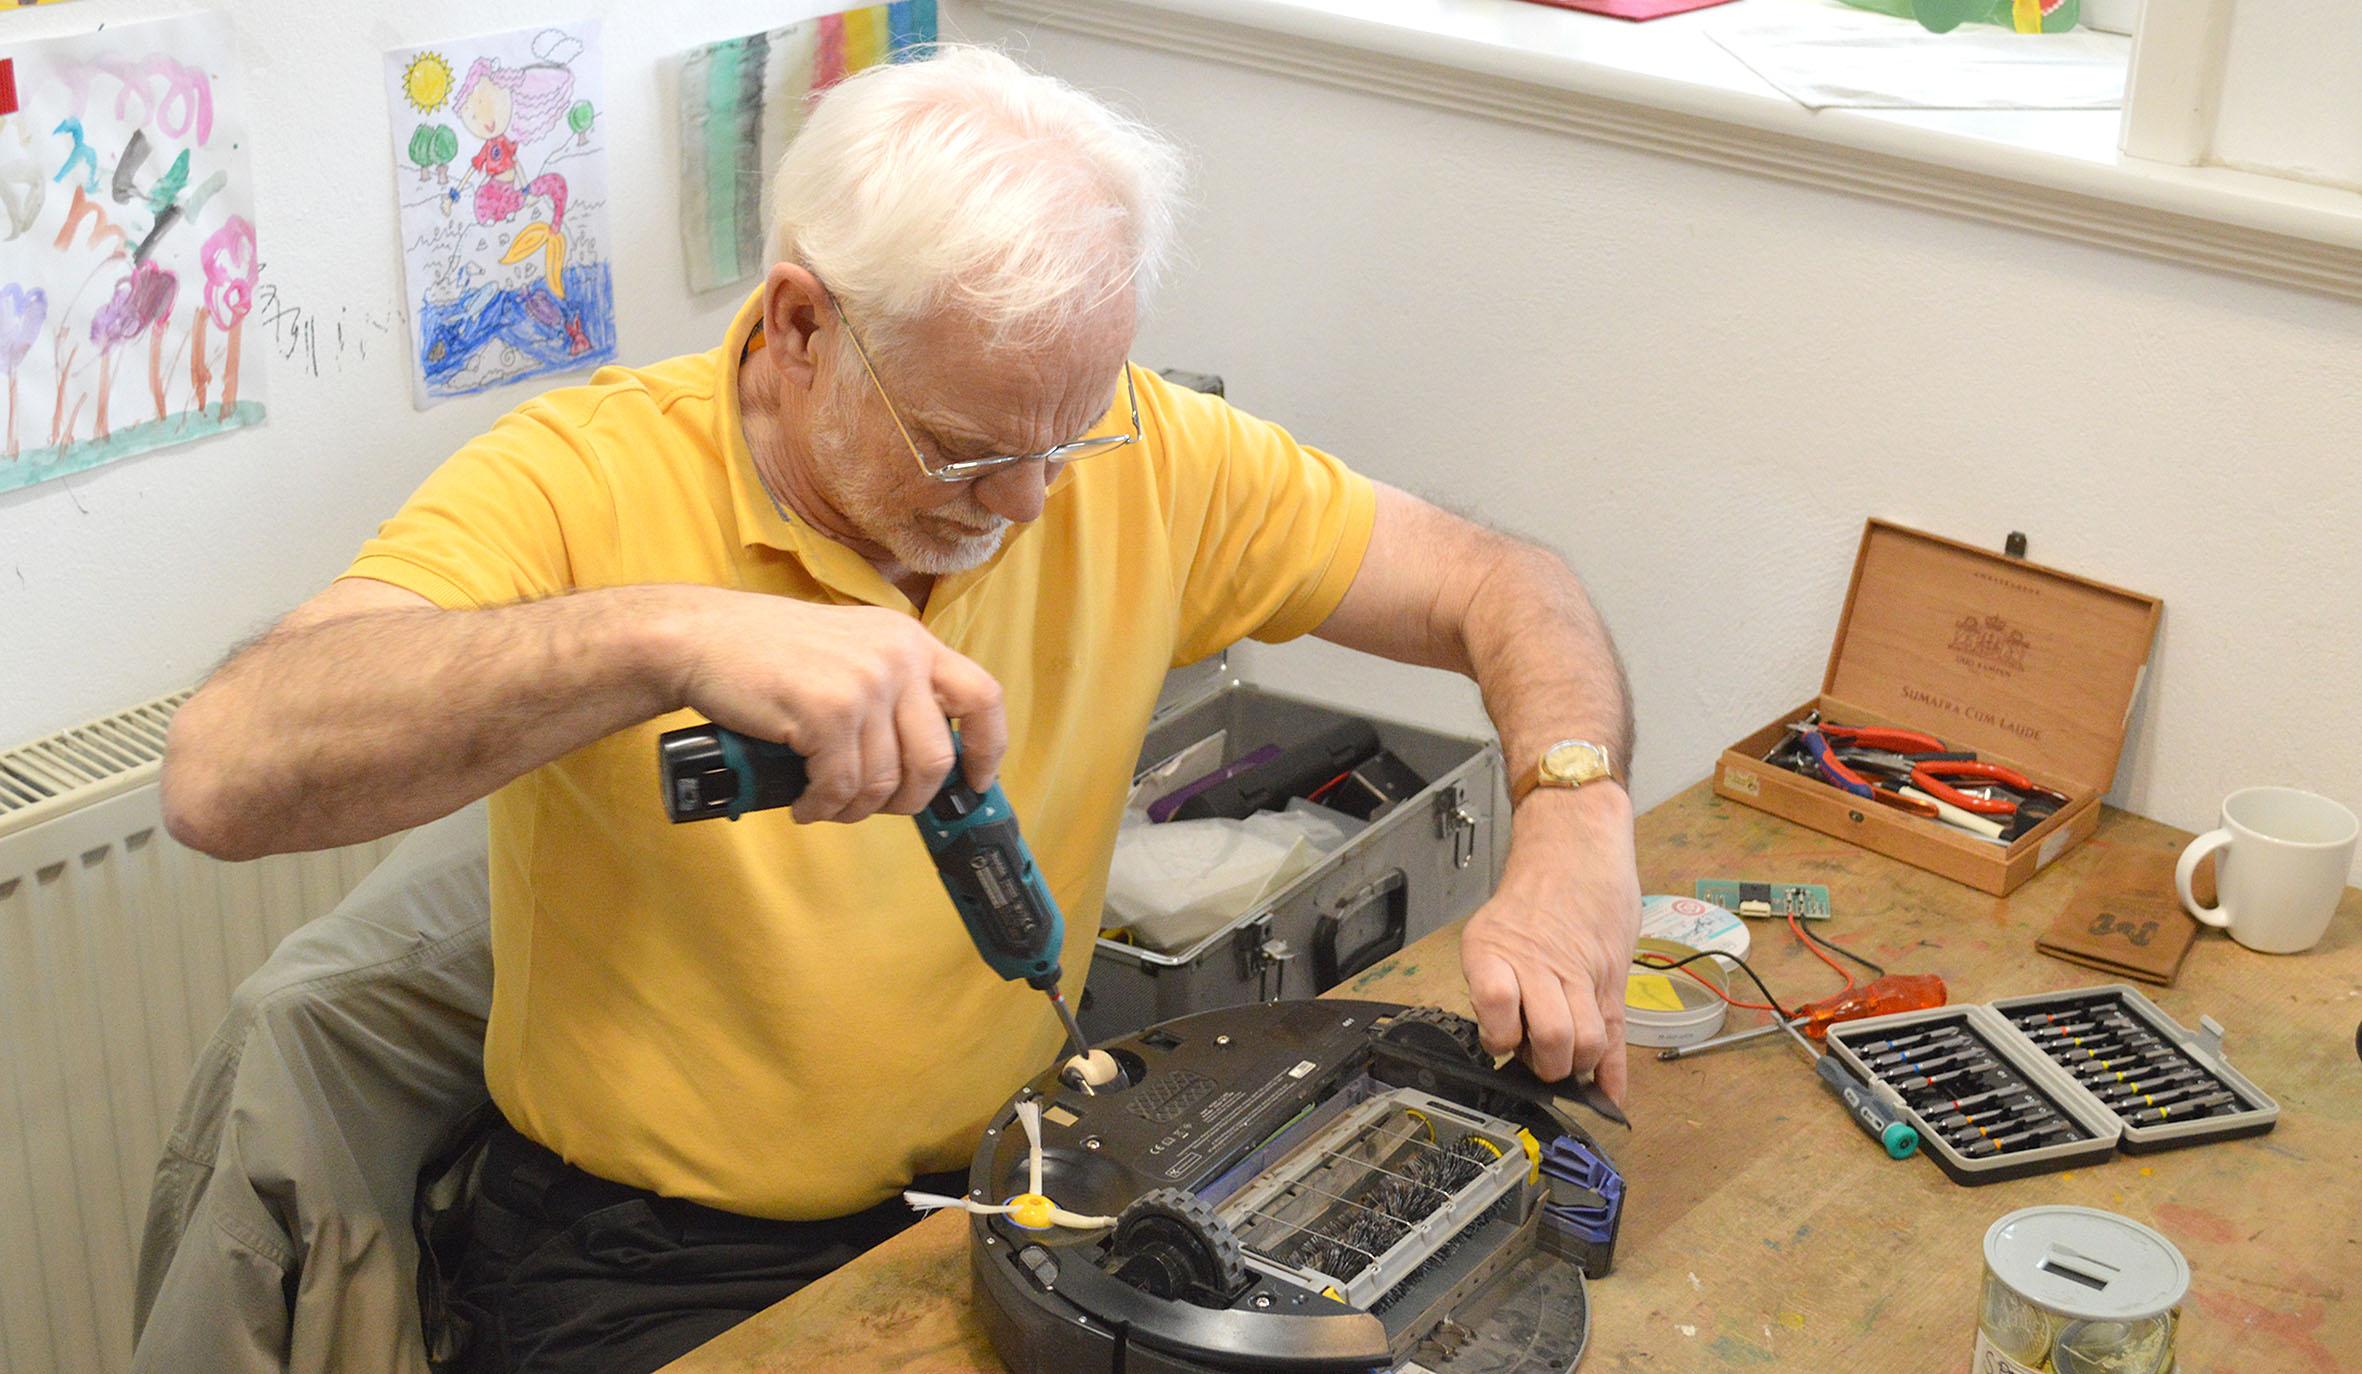 Das Bild zeigt einen Mann beim Reparieren.